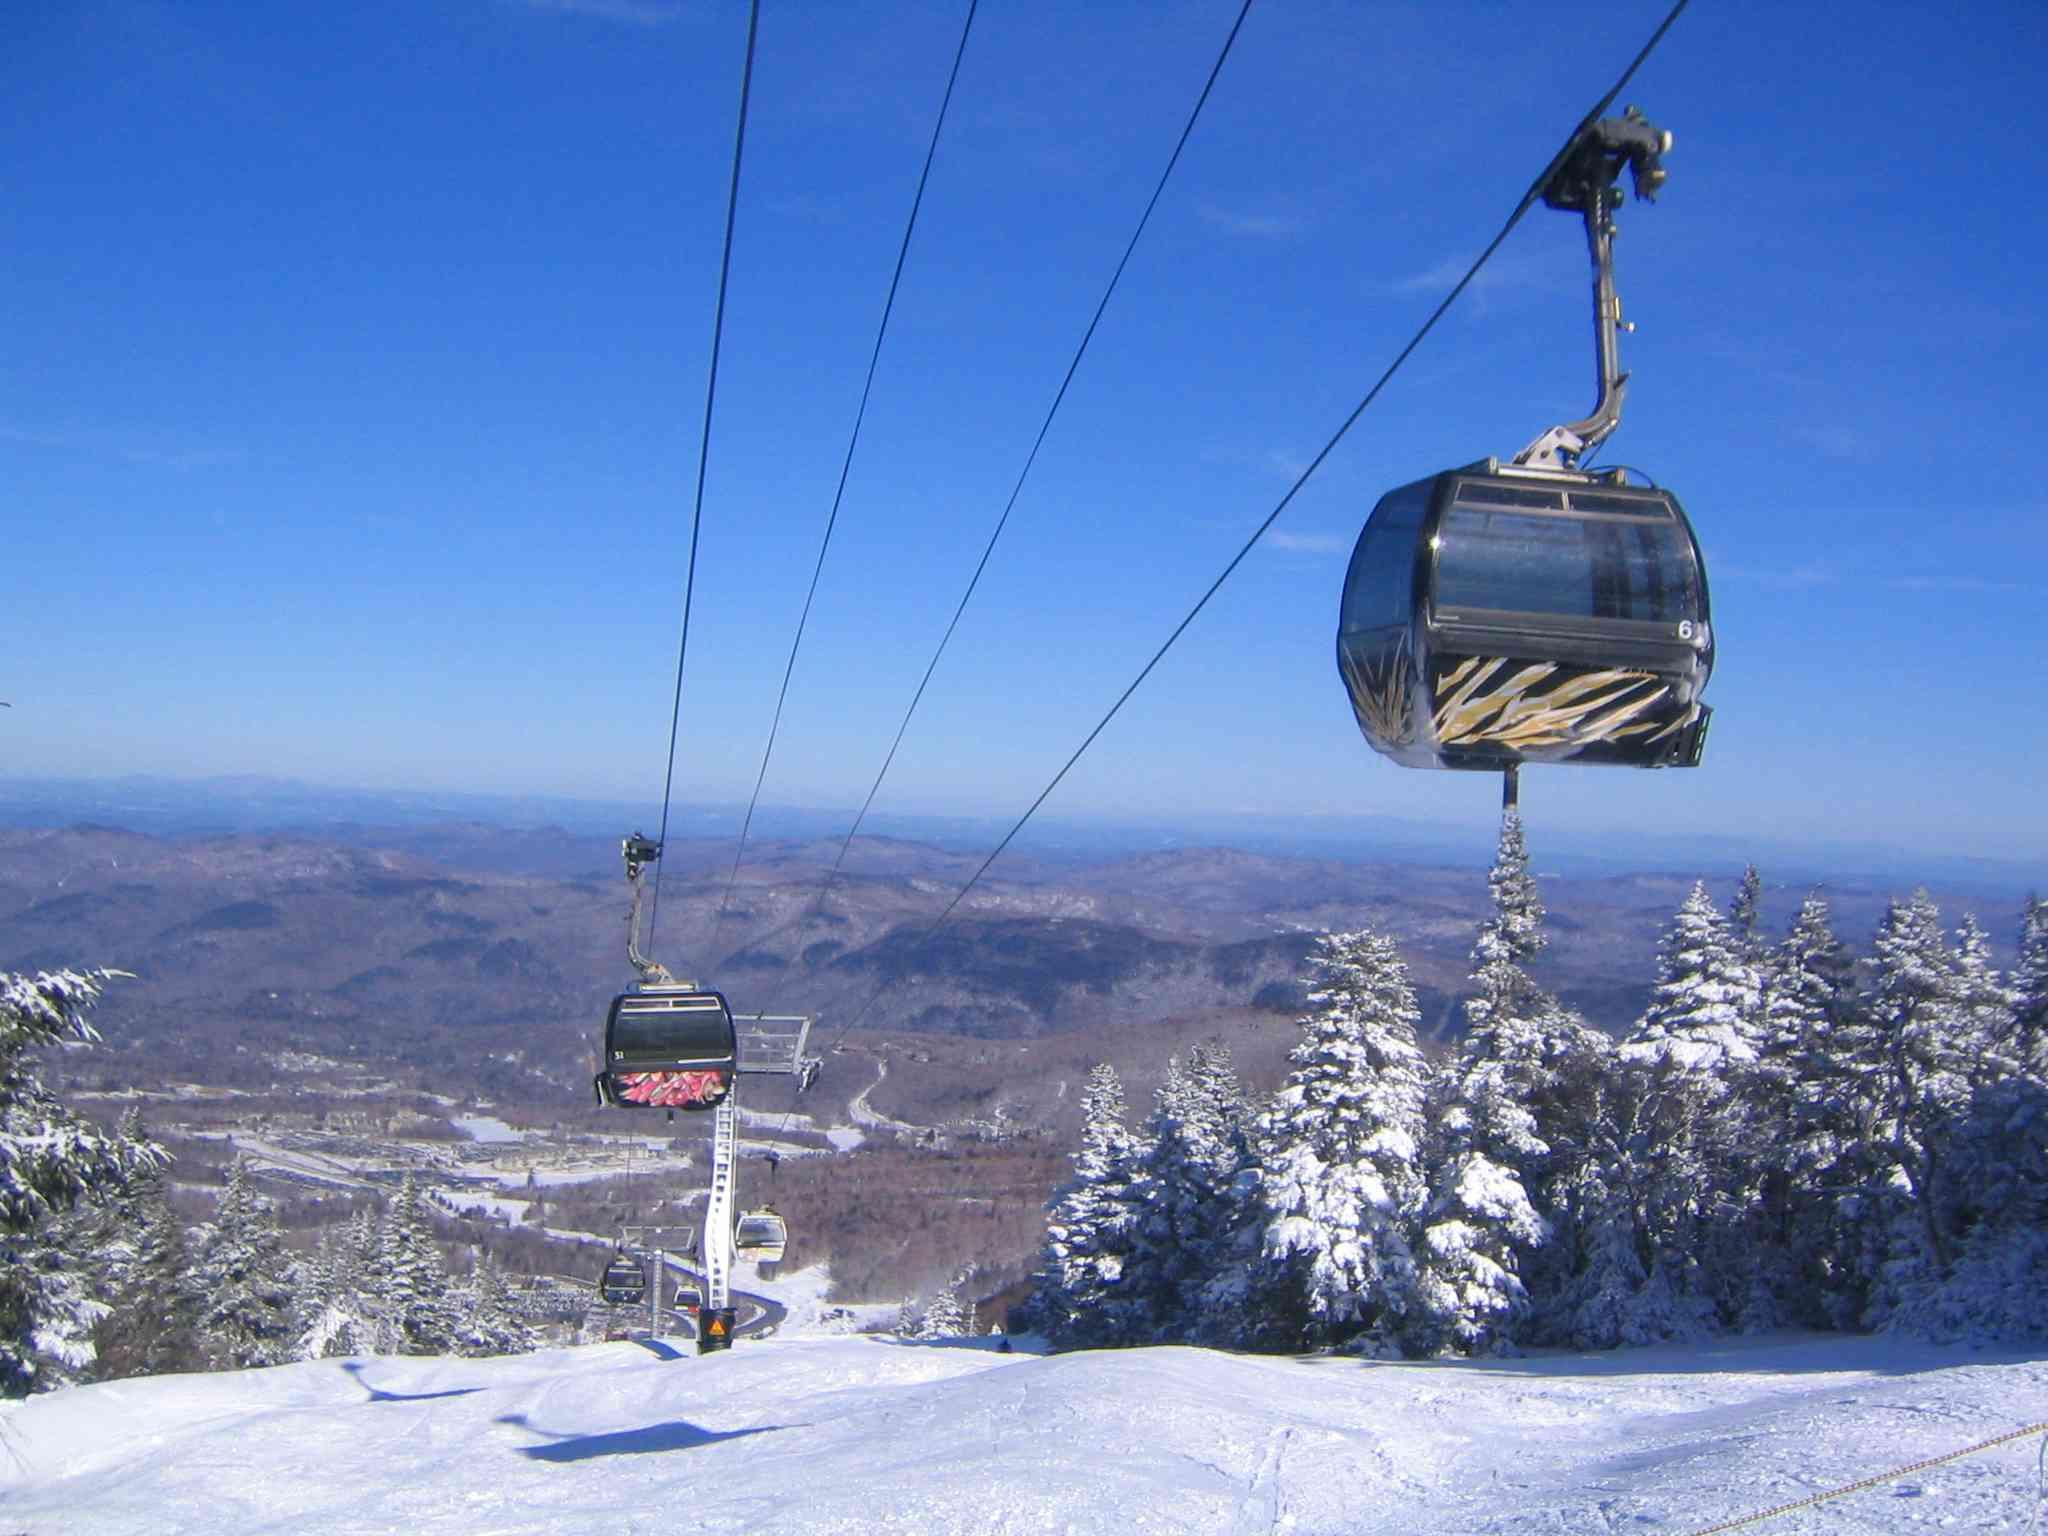 Killington Ski Resort Gondola Chairlift